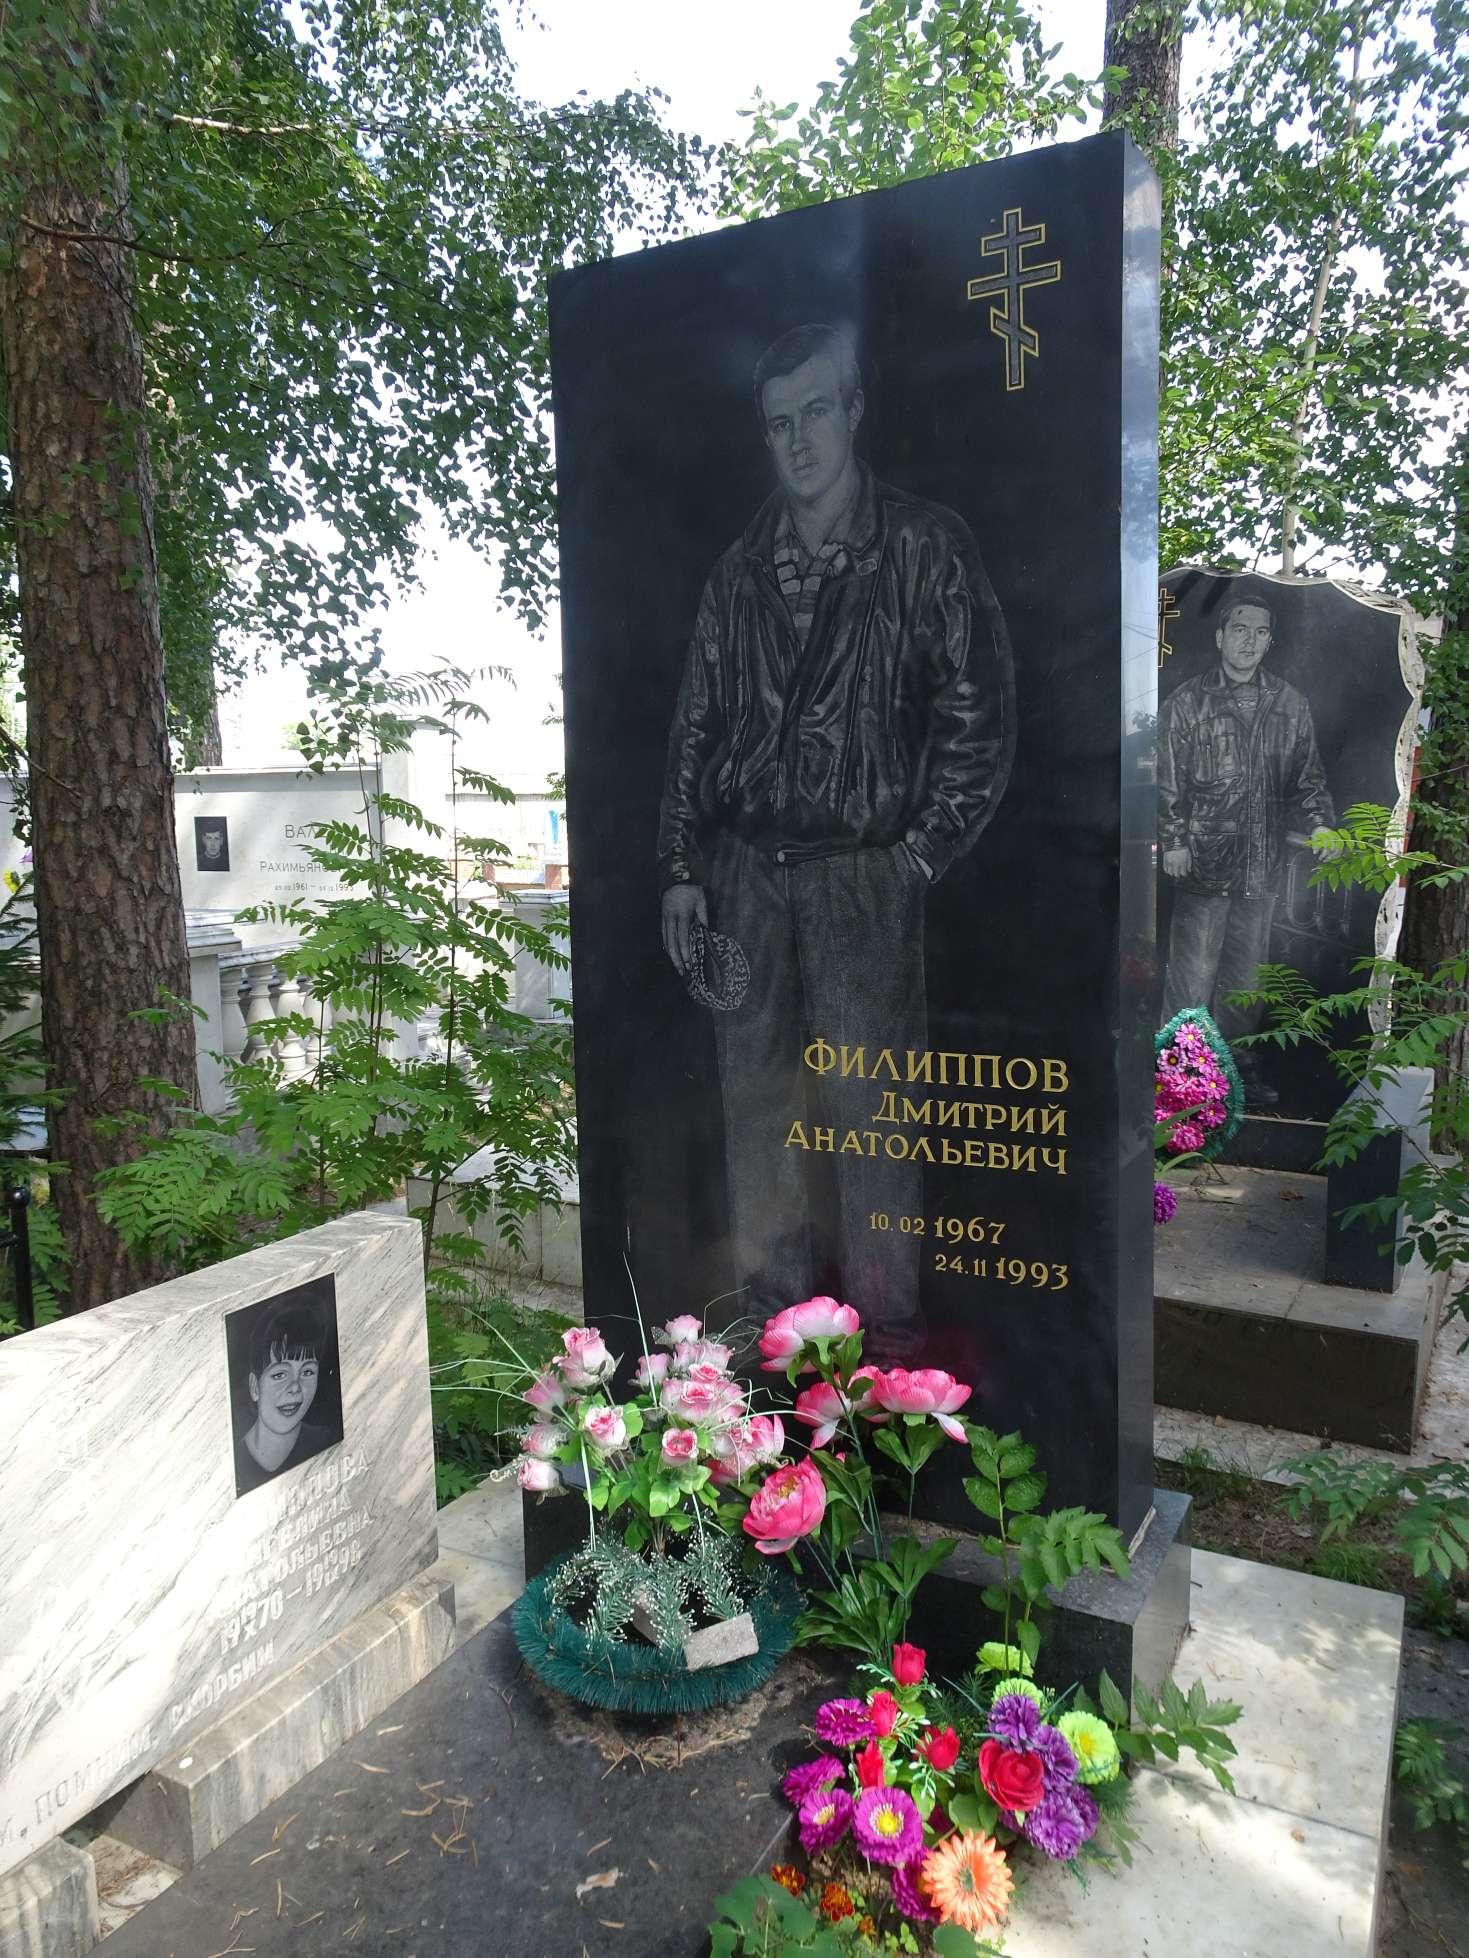 Nein, kein Romanow, sondern ein Opfer von Auseinandersetzungen verschiedener Mafia-Clans.